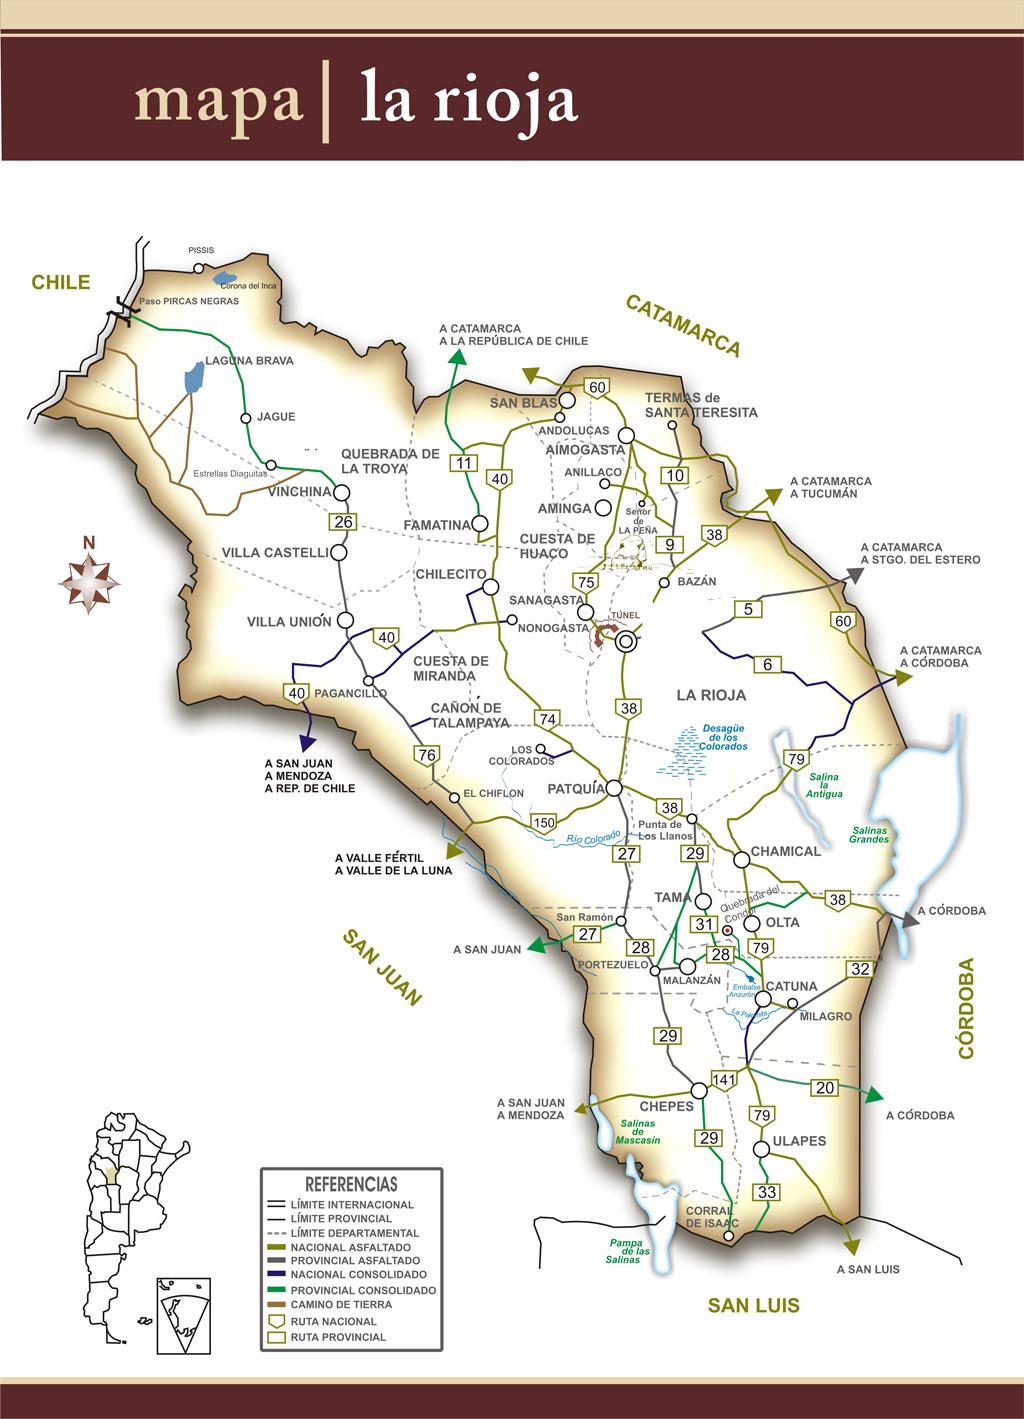 La Rioja Map La Rioja Argentina mappery